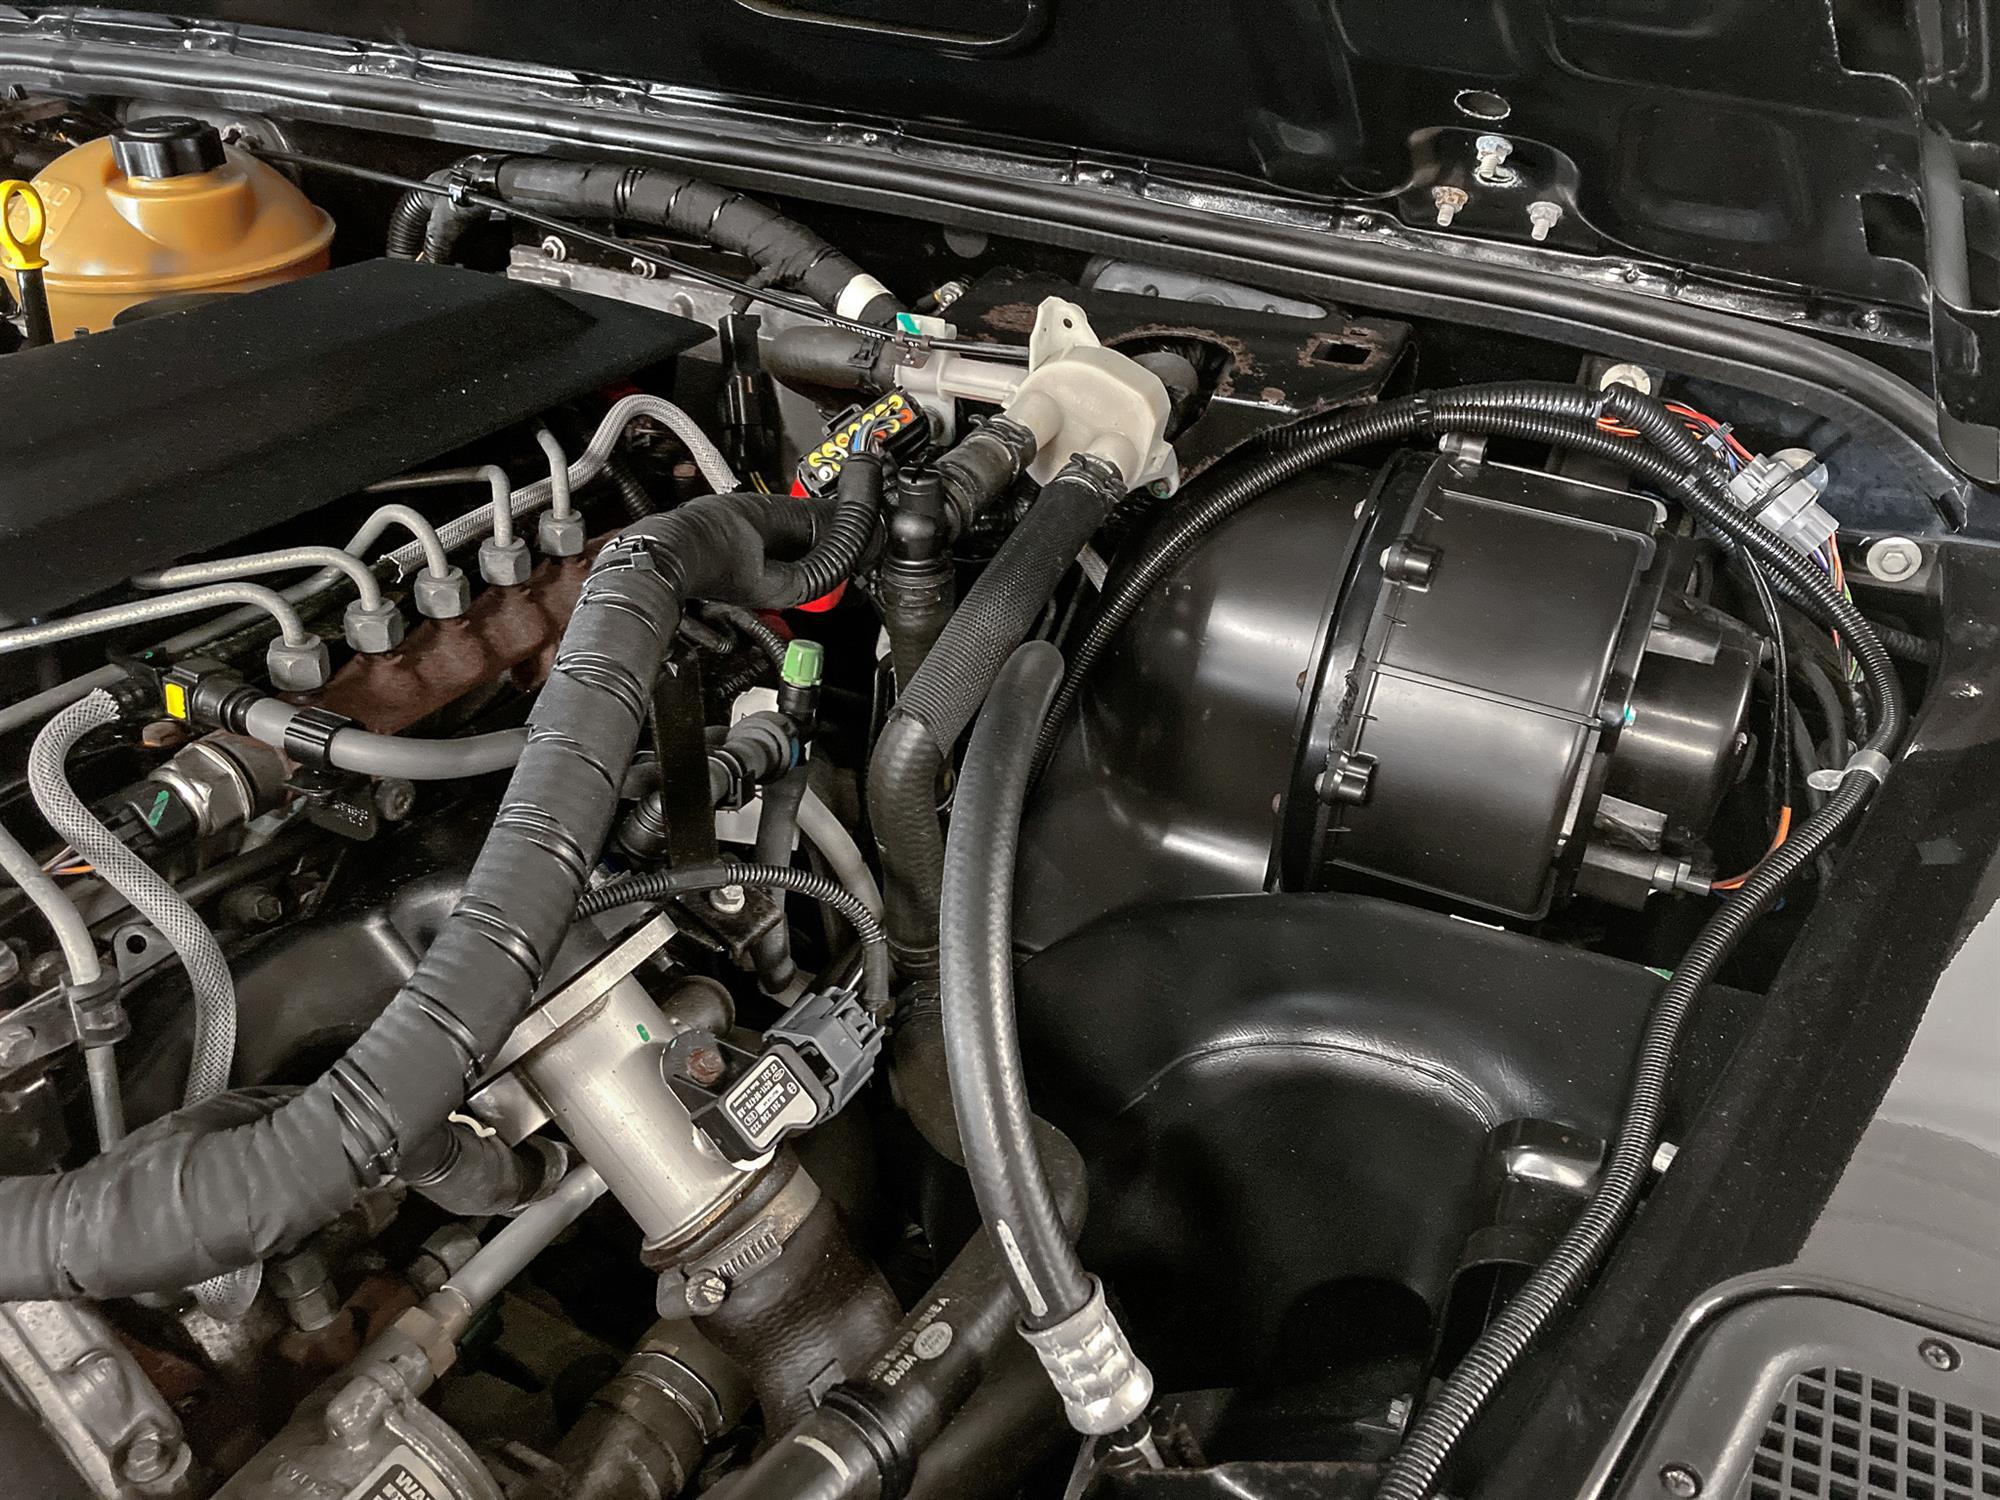 2008 Land Rover Defender 90 SVX - Image 11 of 13